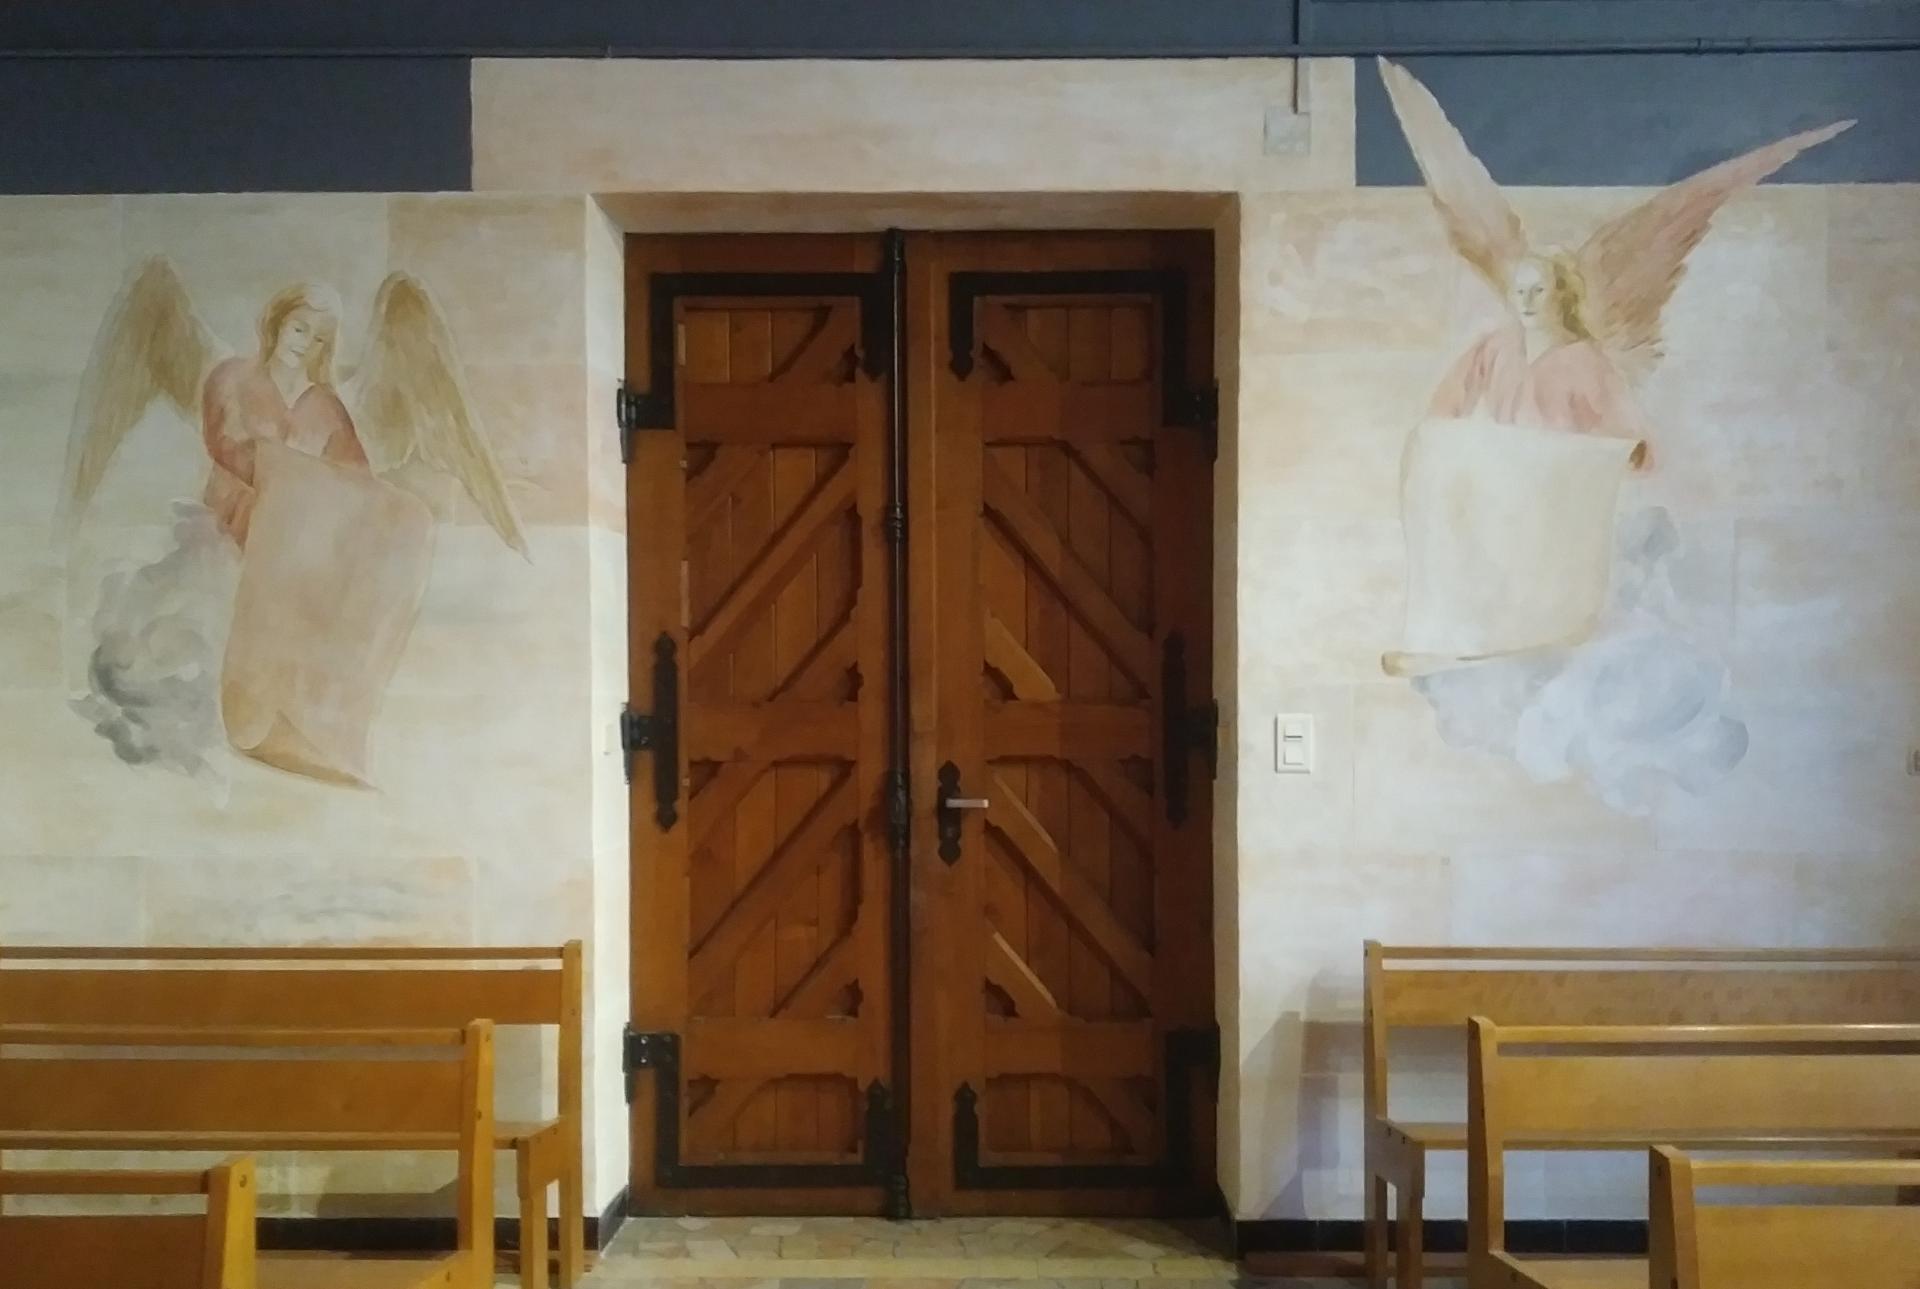 Anges fresque basilique du sacre coeur